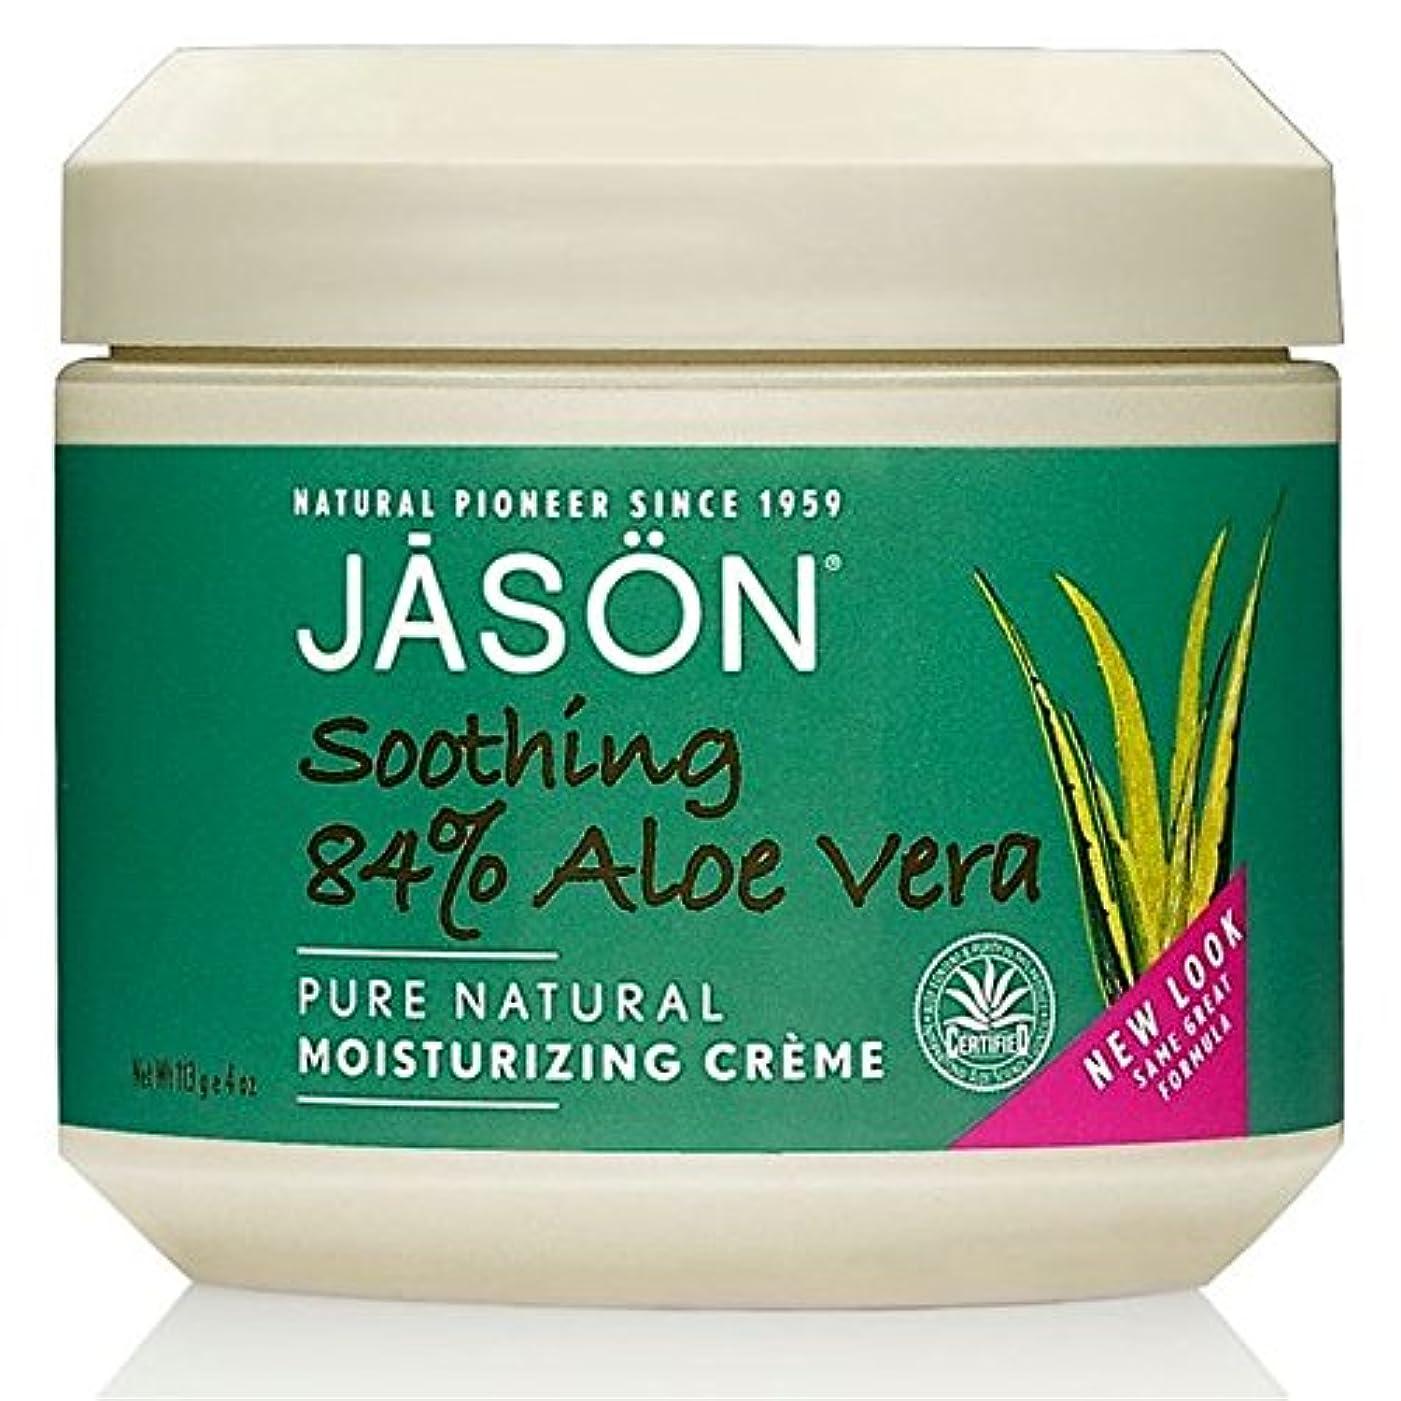 裸一次消防士Jason Aloe Vera 84% Moisturising Cream 113g - ジェイソン?アロエベラ84%の保湿クリーム113グラム [並行輸入品]